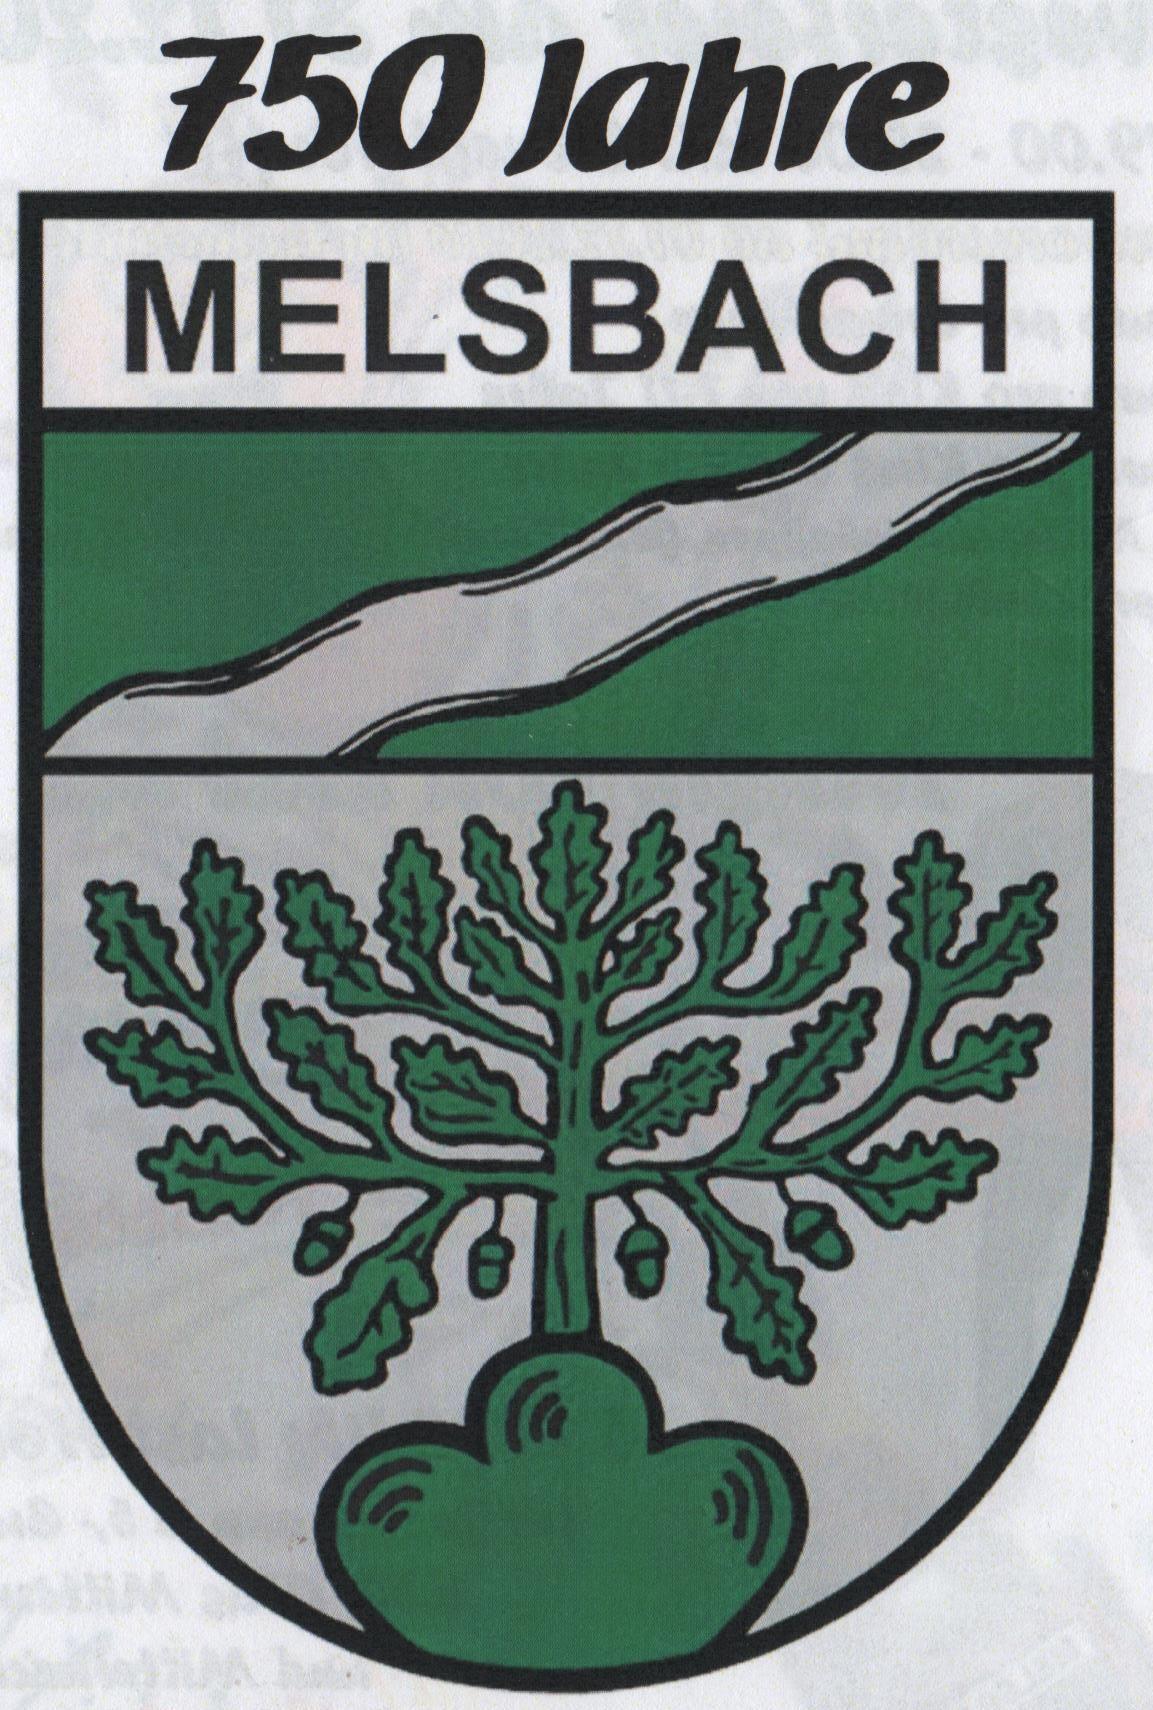 750 Jahre Melsbach